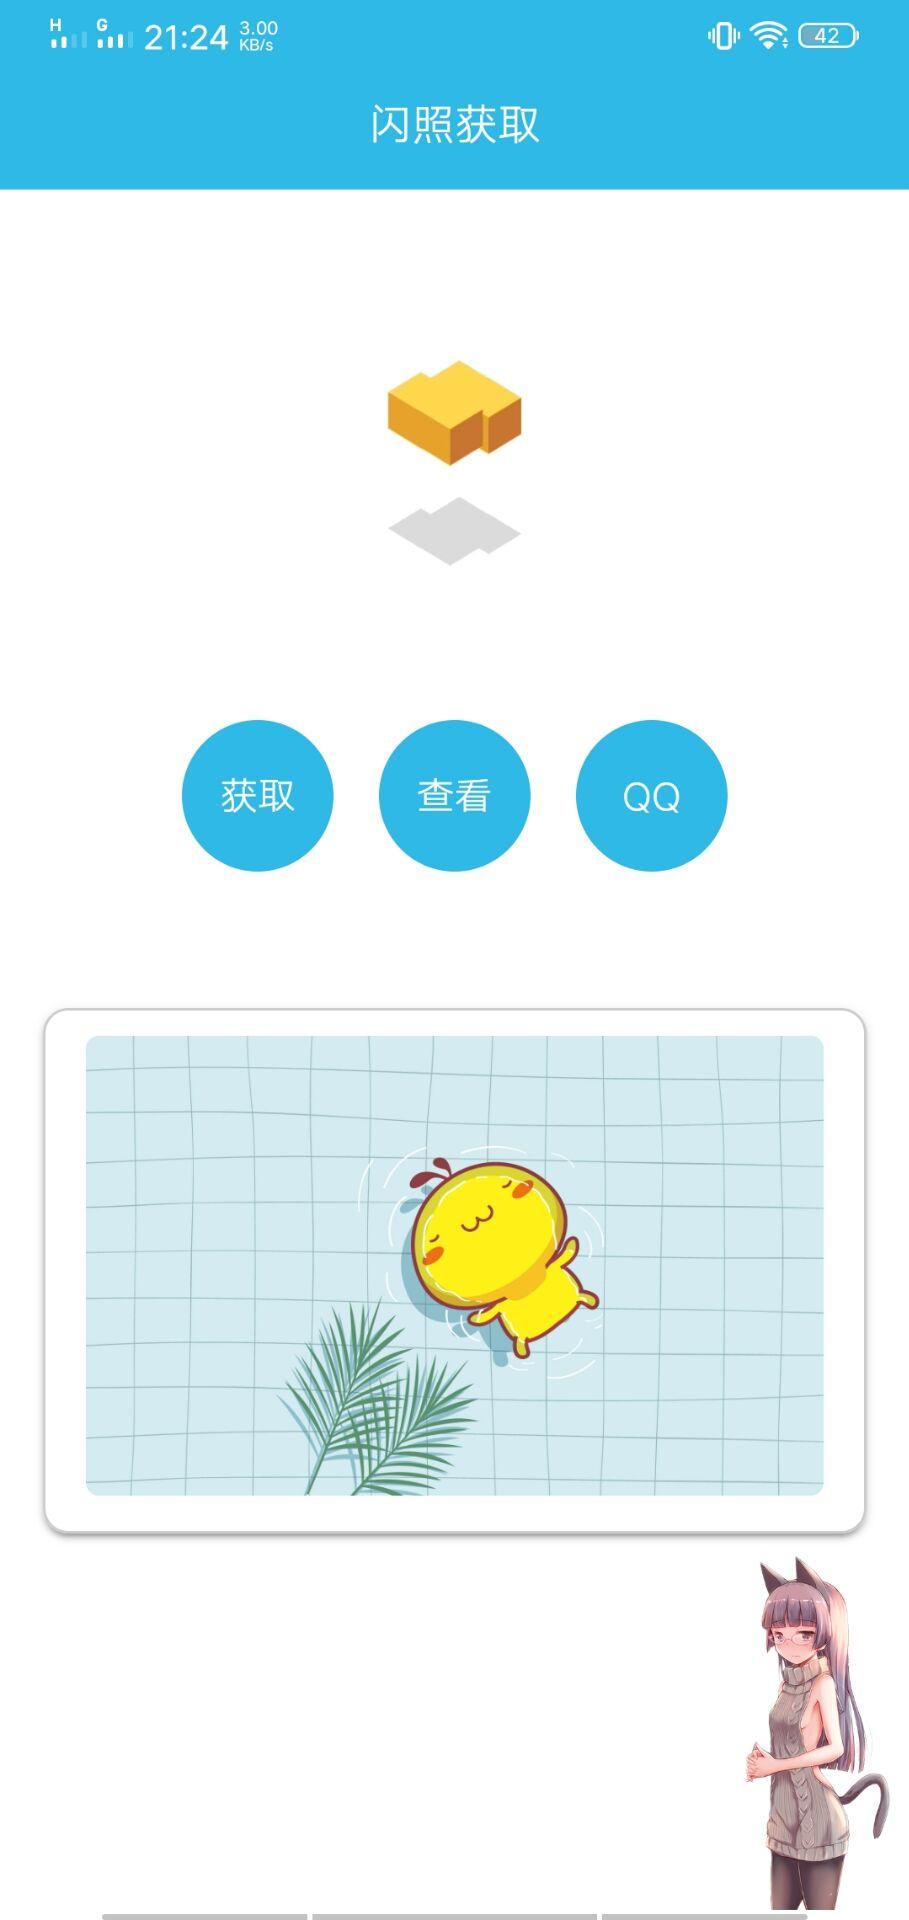 【分享】QQ闪照获取清爽版 支持TIM精简版